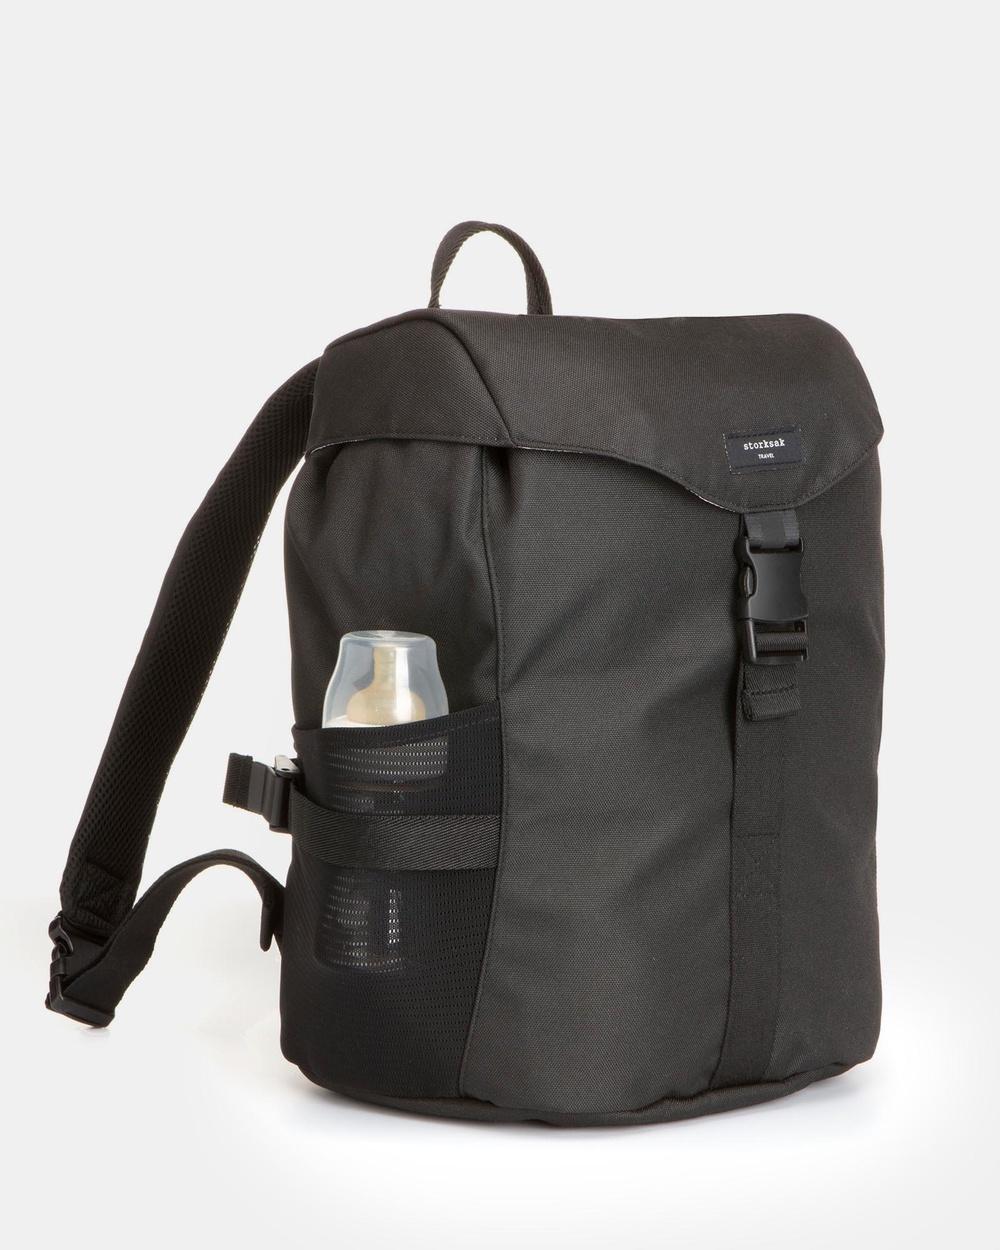 Storksak Eco Travel Backpack Nappy Bag Backpacks Black